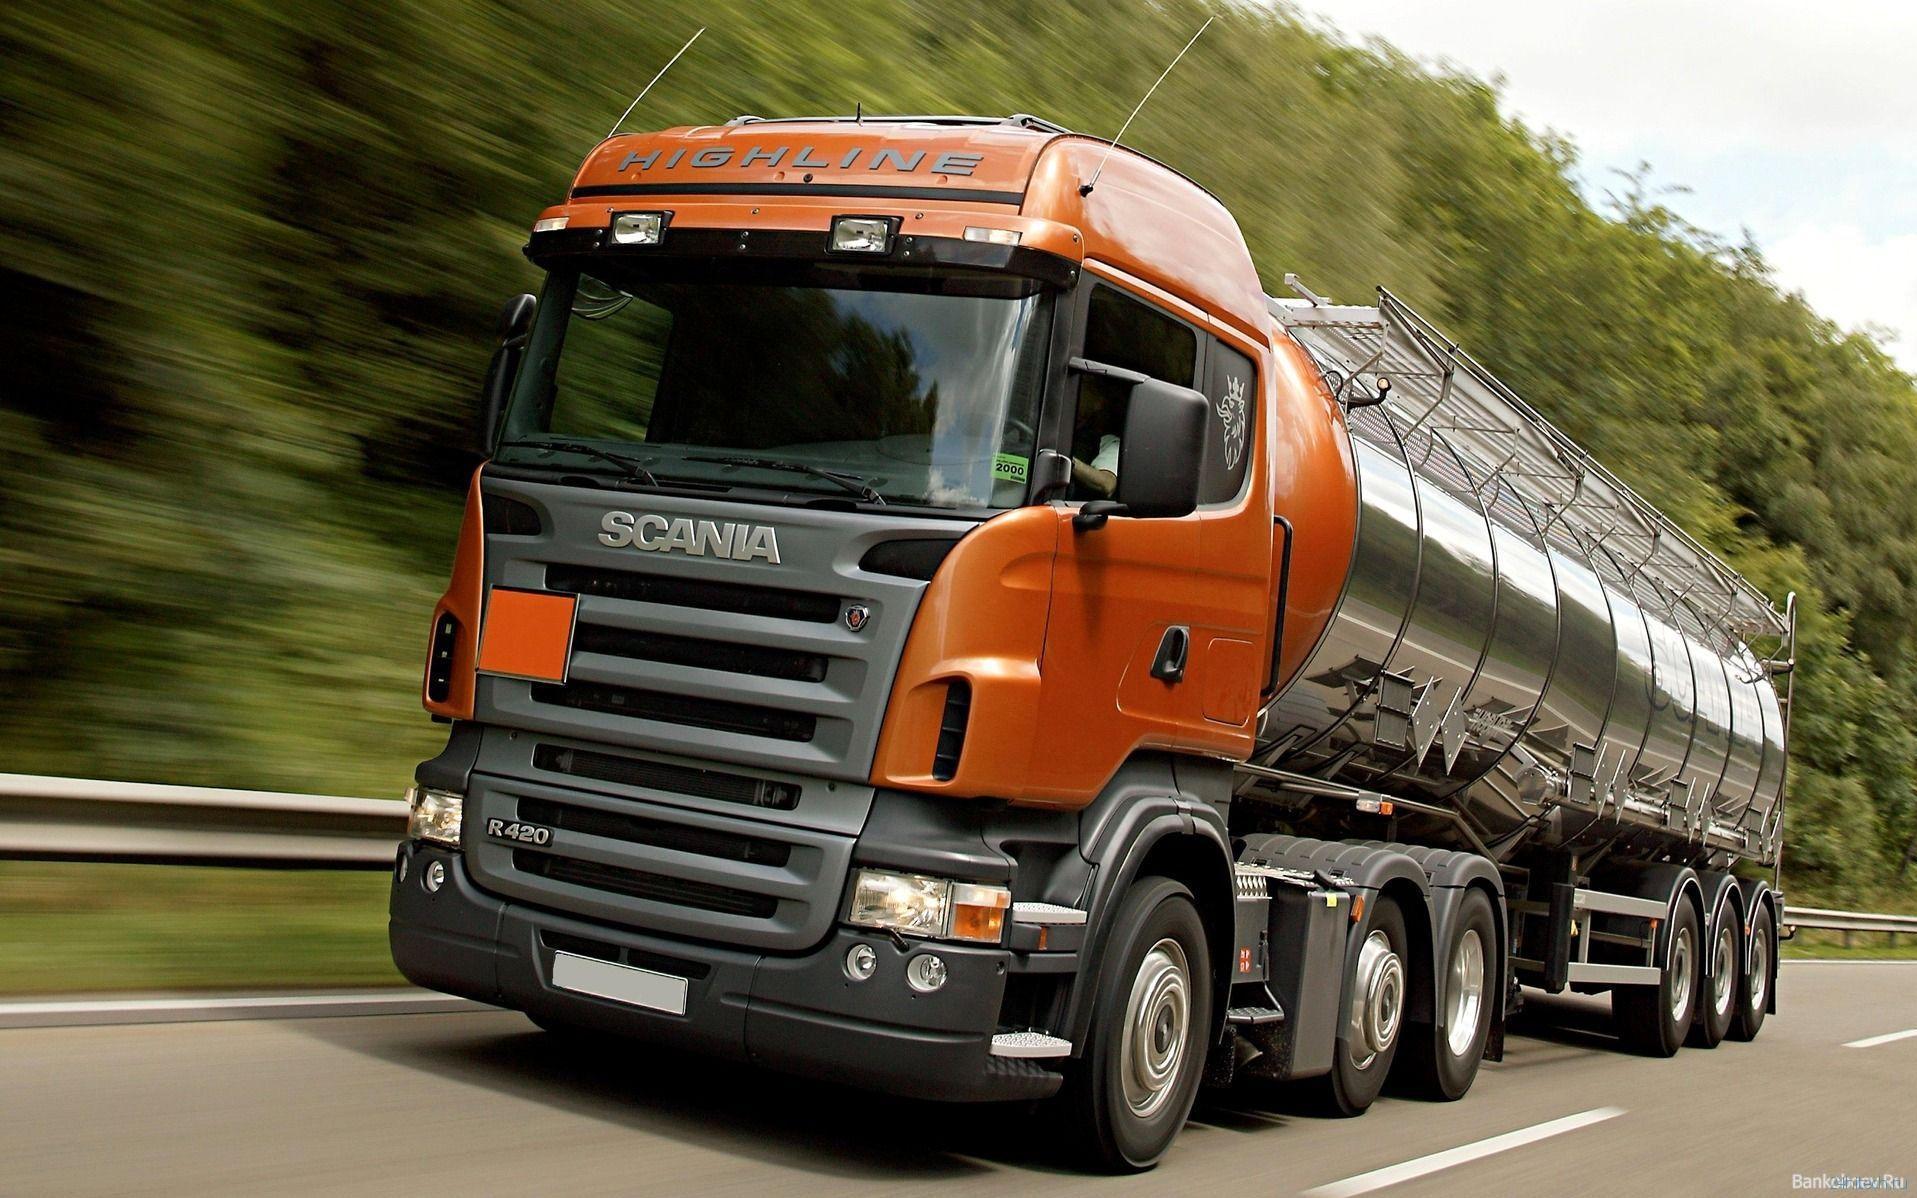 Транспортный гигант Scania разрабатывает первый грузовик на водородном топливе